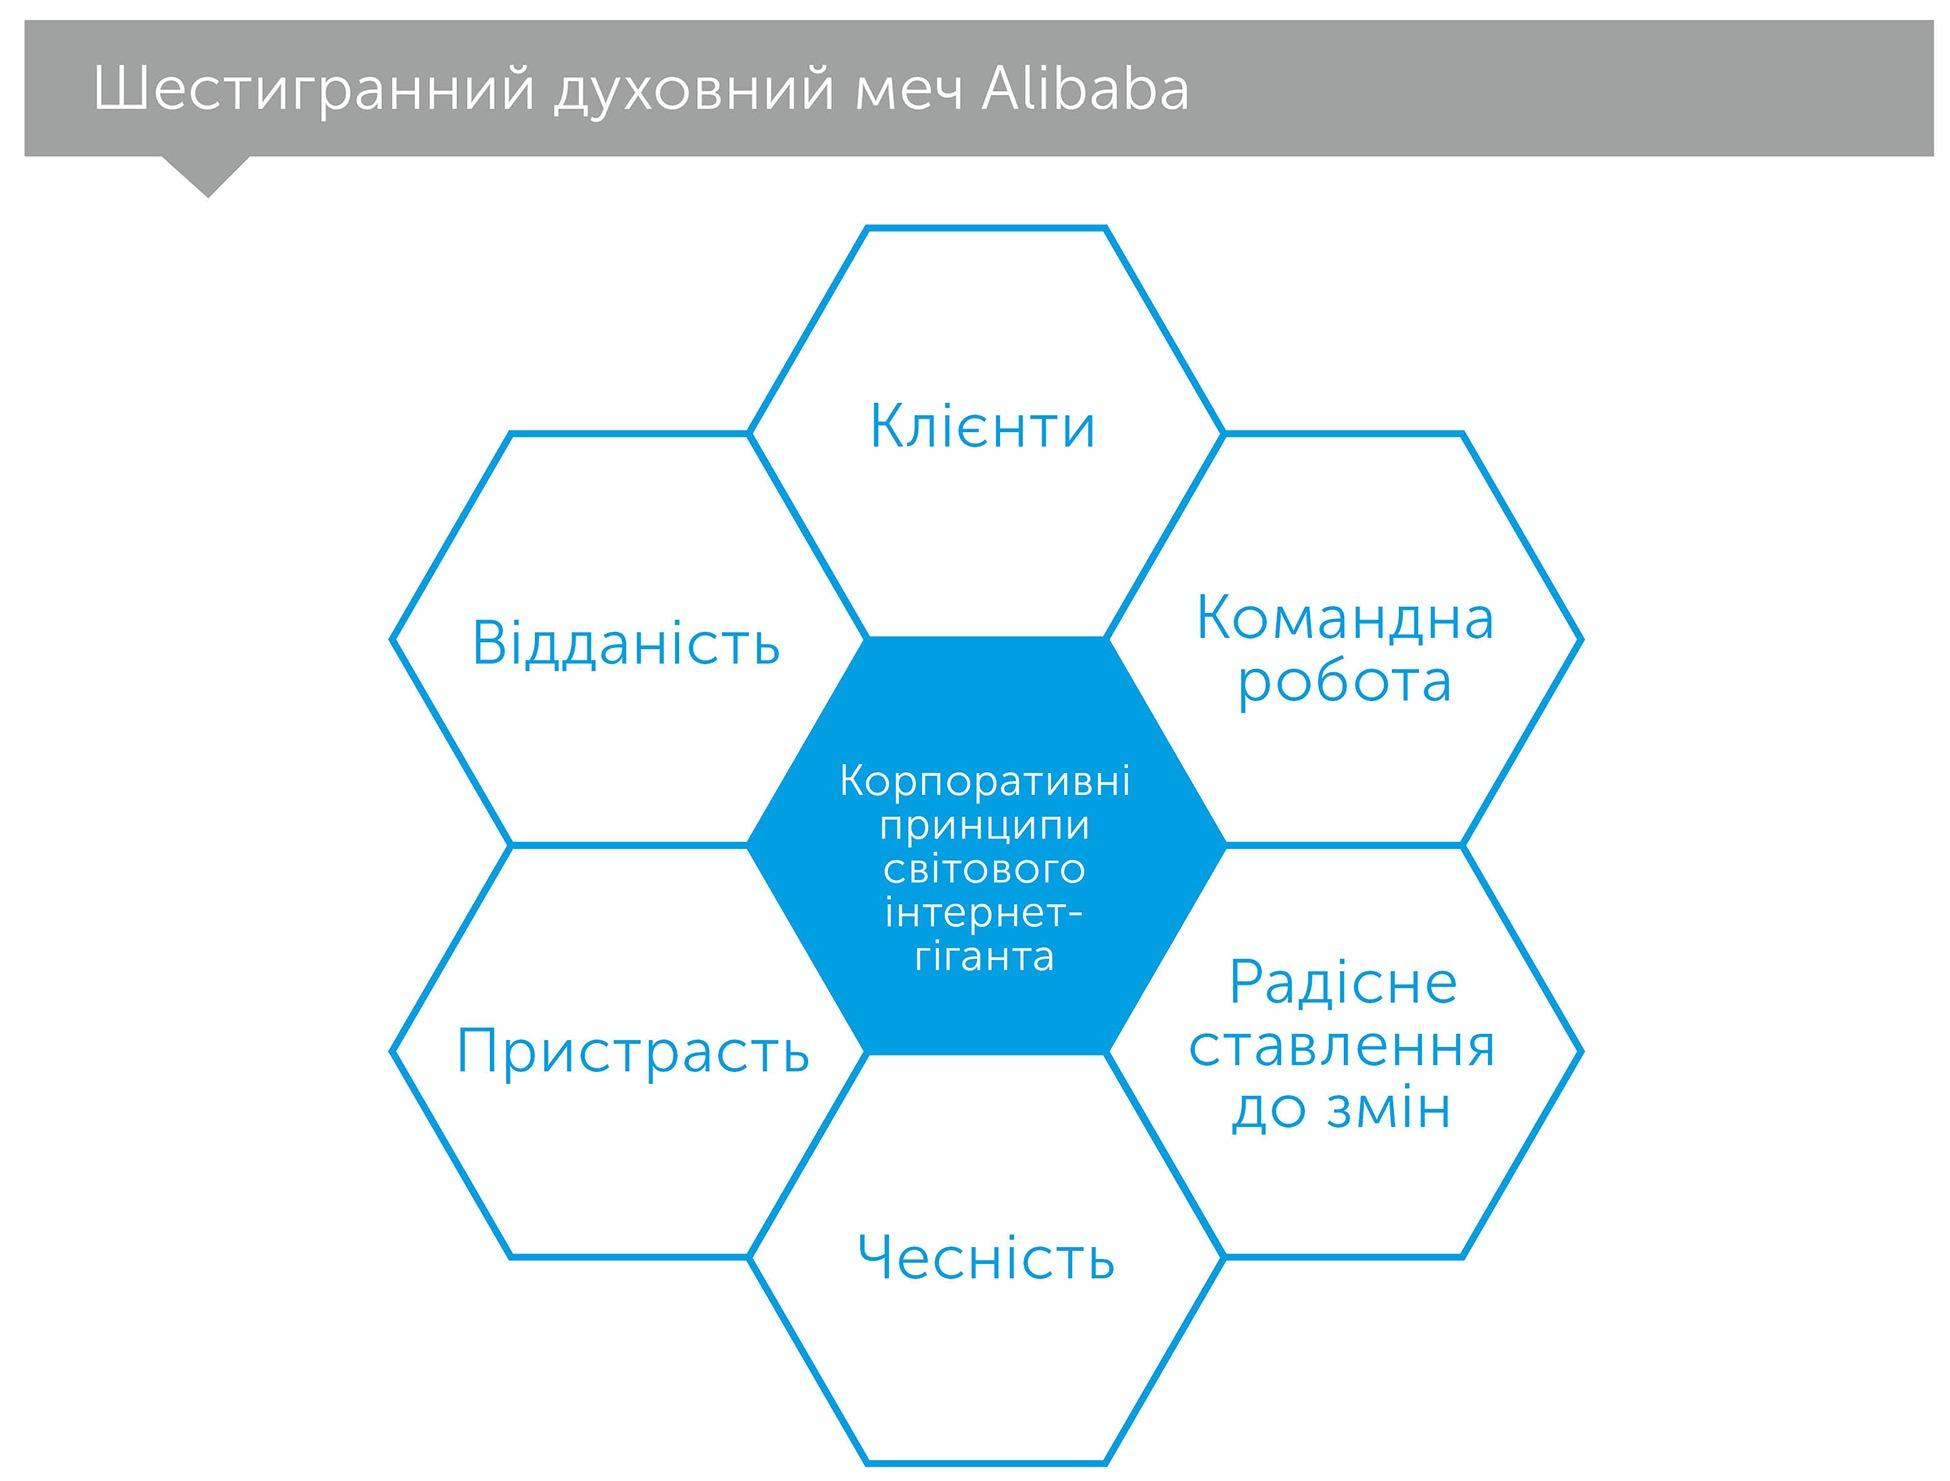 Alibaba: дім, який збудував Джек Ма, автор Кларк Дункан   Kyivstar Business Hub, зображення №3